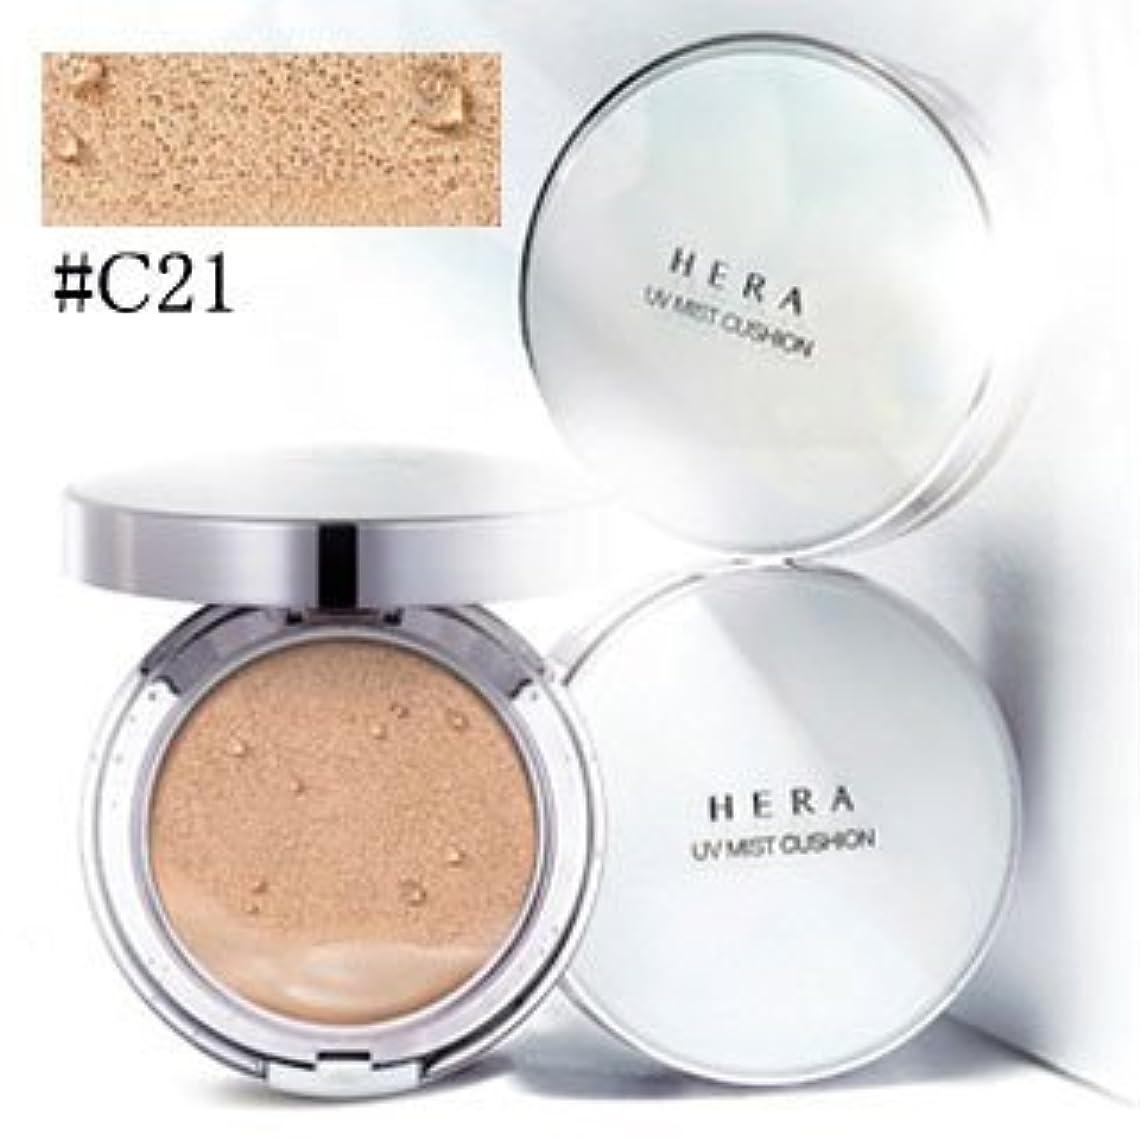 名前で付き添い人ギャラリーヘラ(HERA) UV ミスト クッション #C21 COOL VANILLA COVER SPF 50+ / PA+++ 15g x 2[並行輸入品]